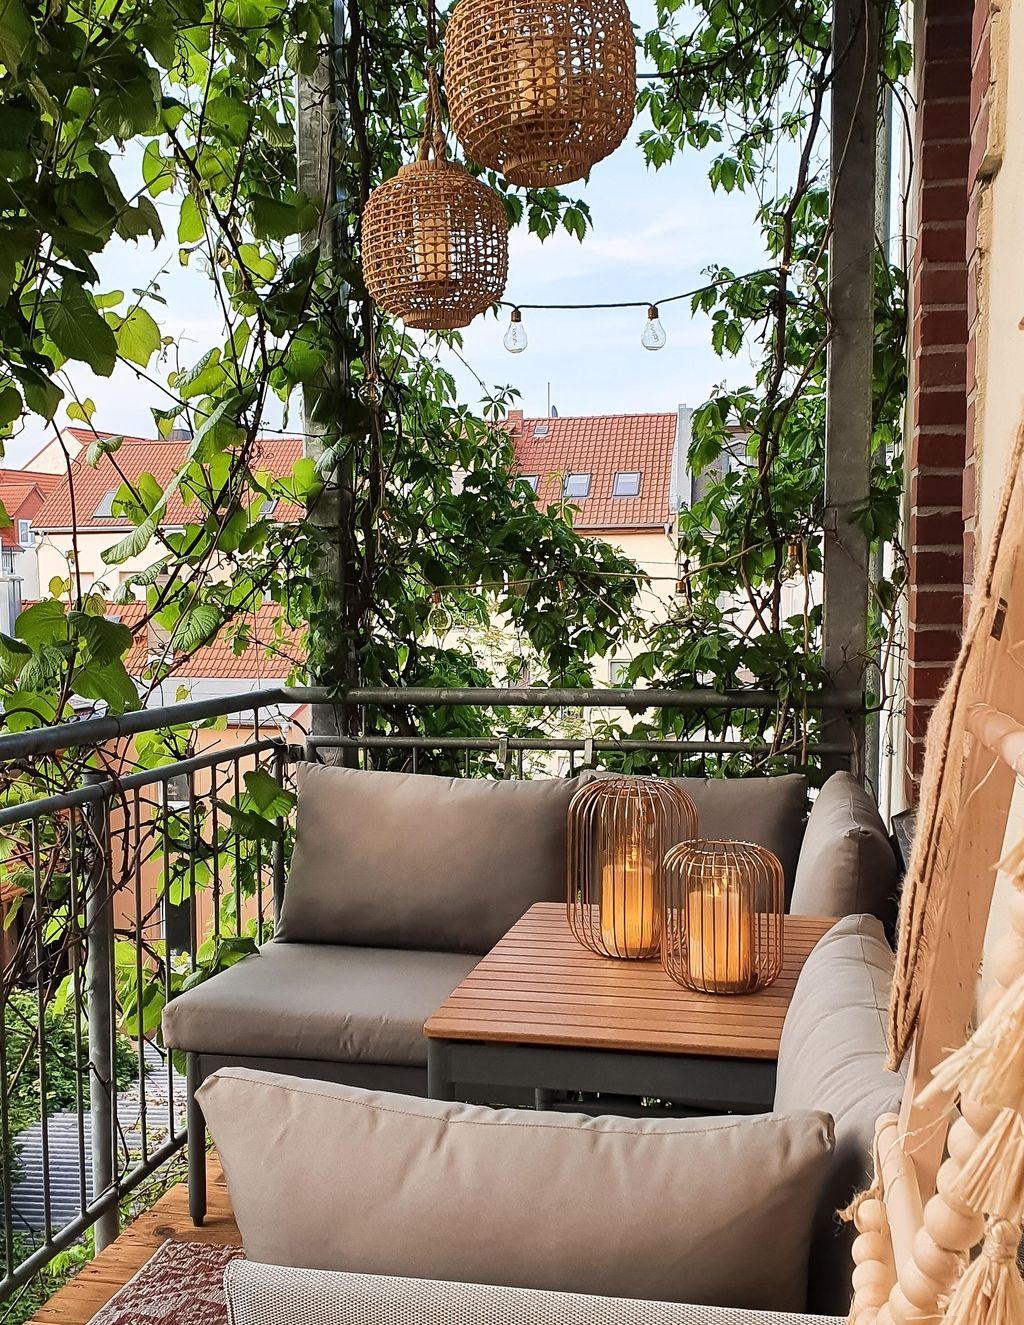 Photo of Natürlich grüner Sichtschutz auf dem Balkon von Piamisuu